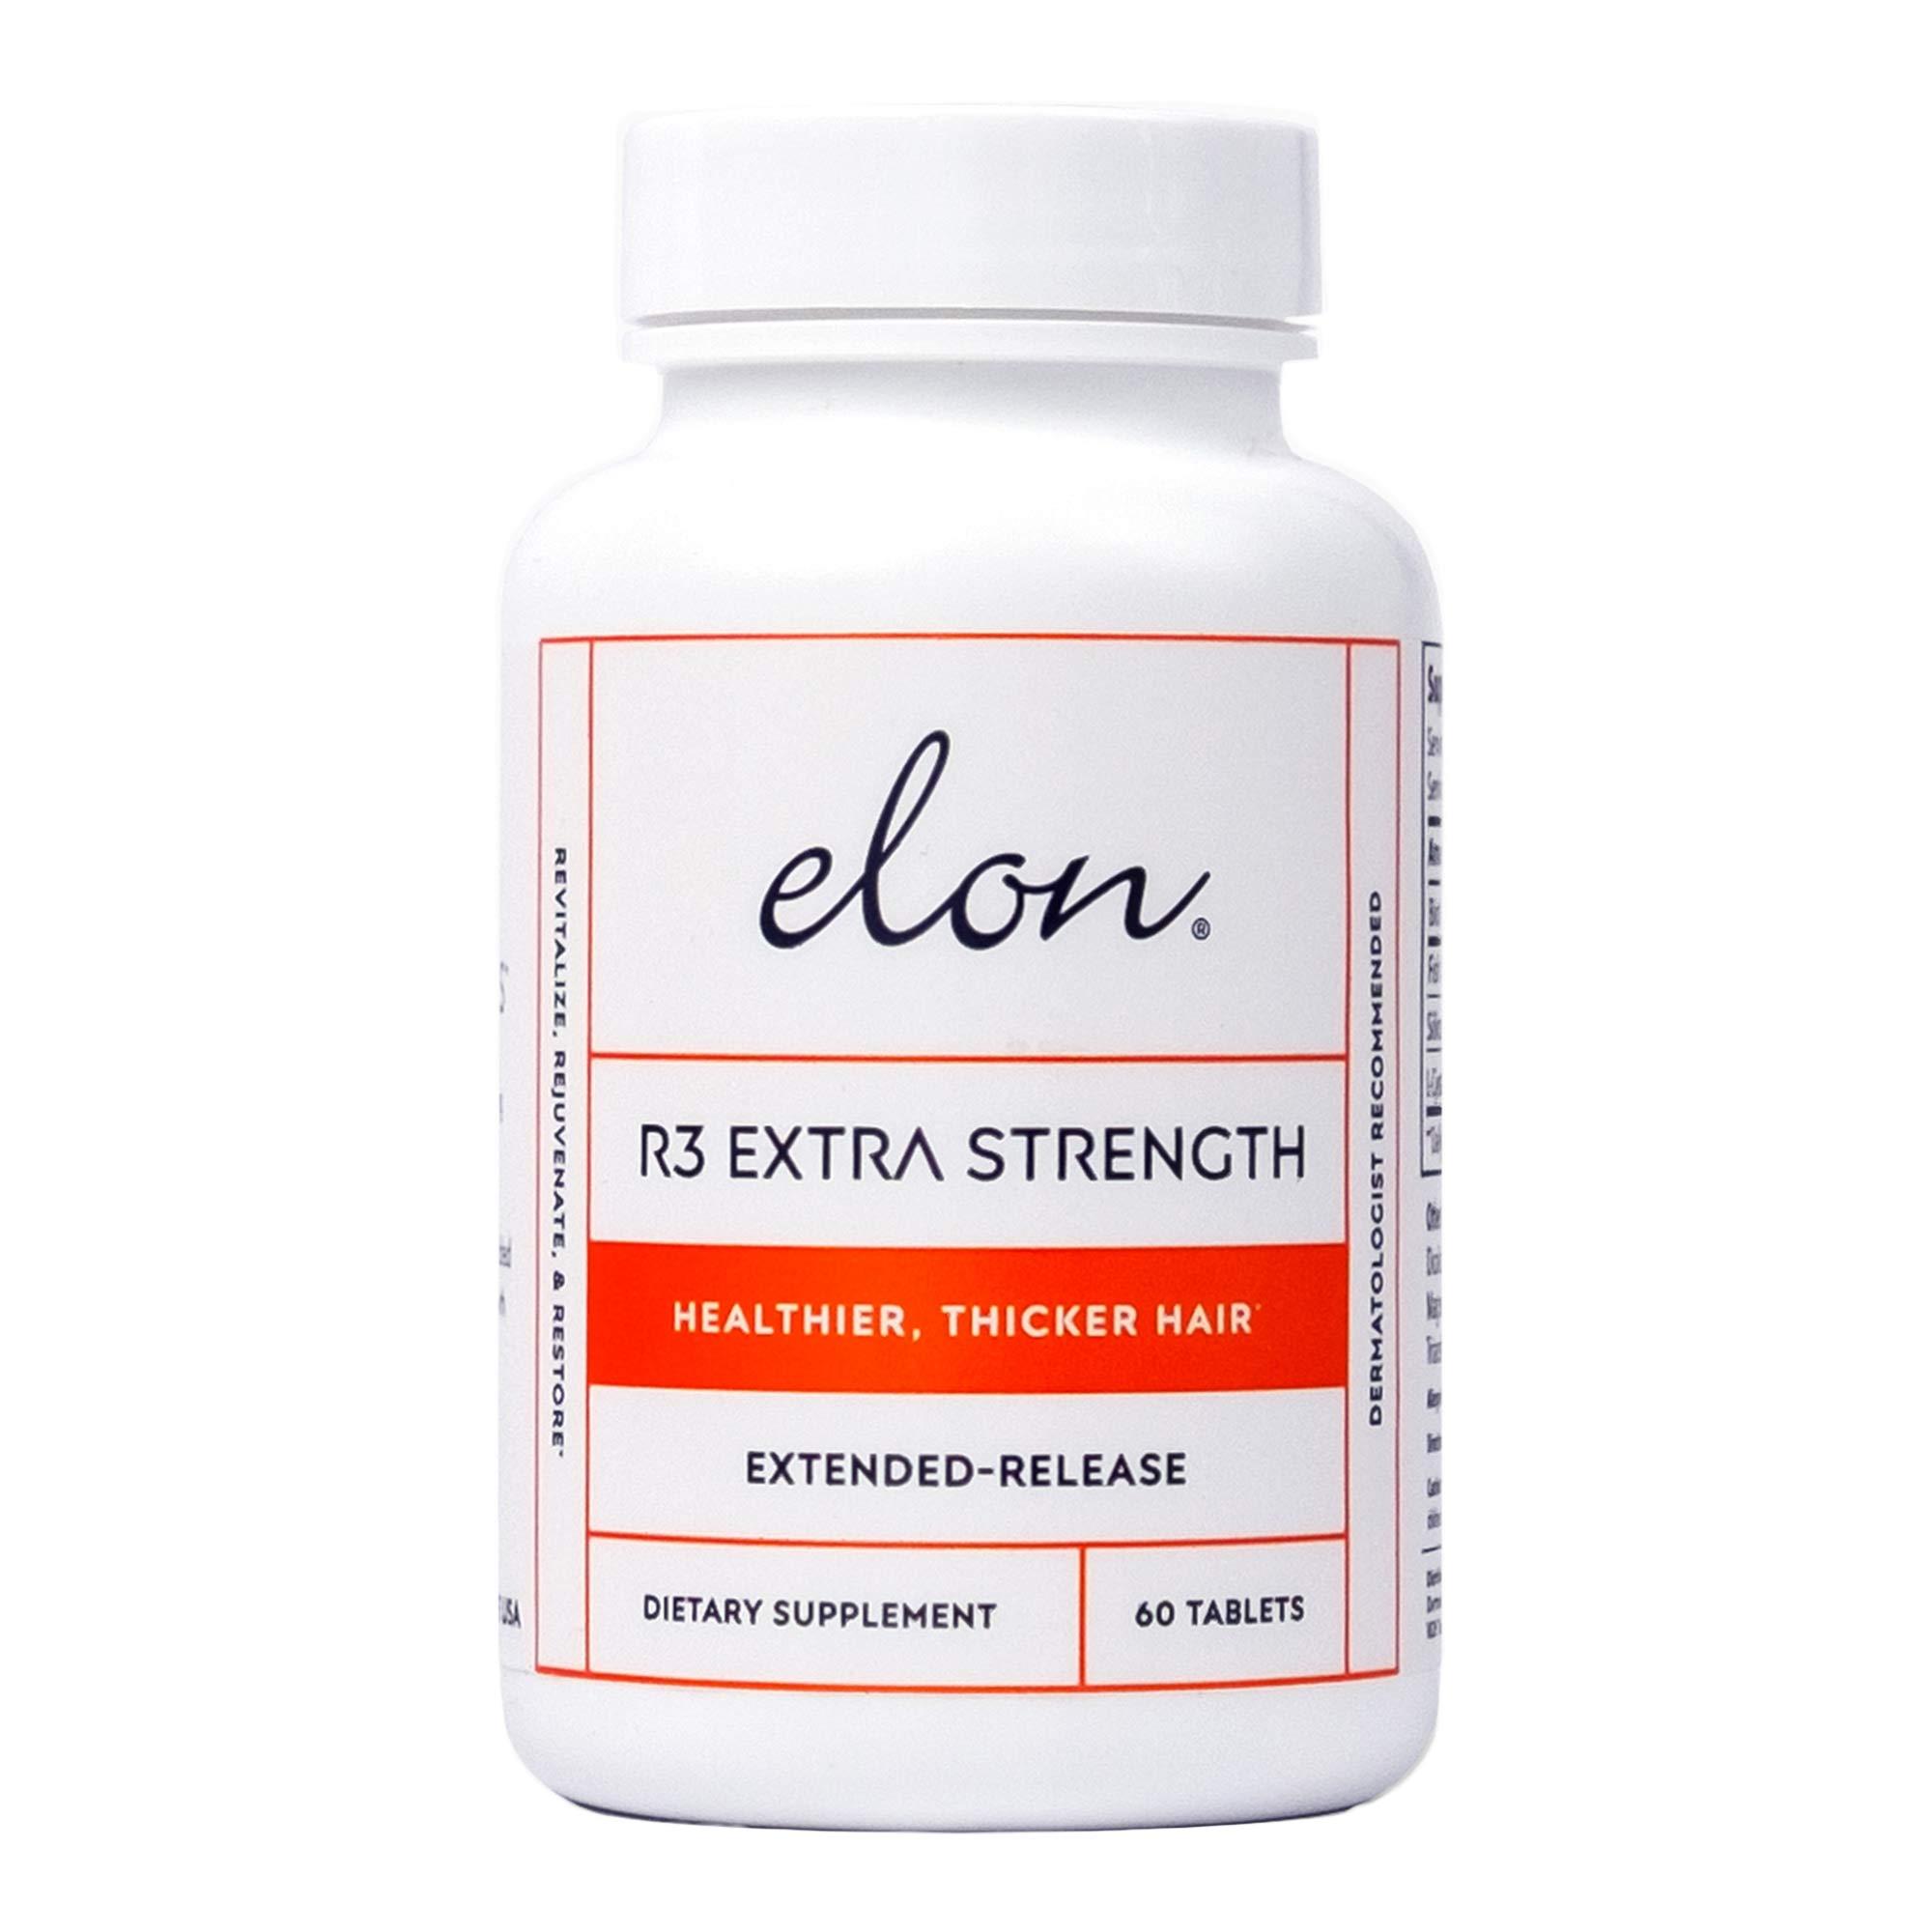 Elon R3 Extra Strength for Hair Growth by Elon